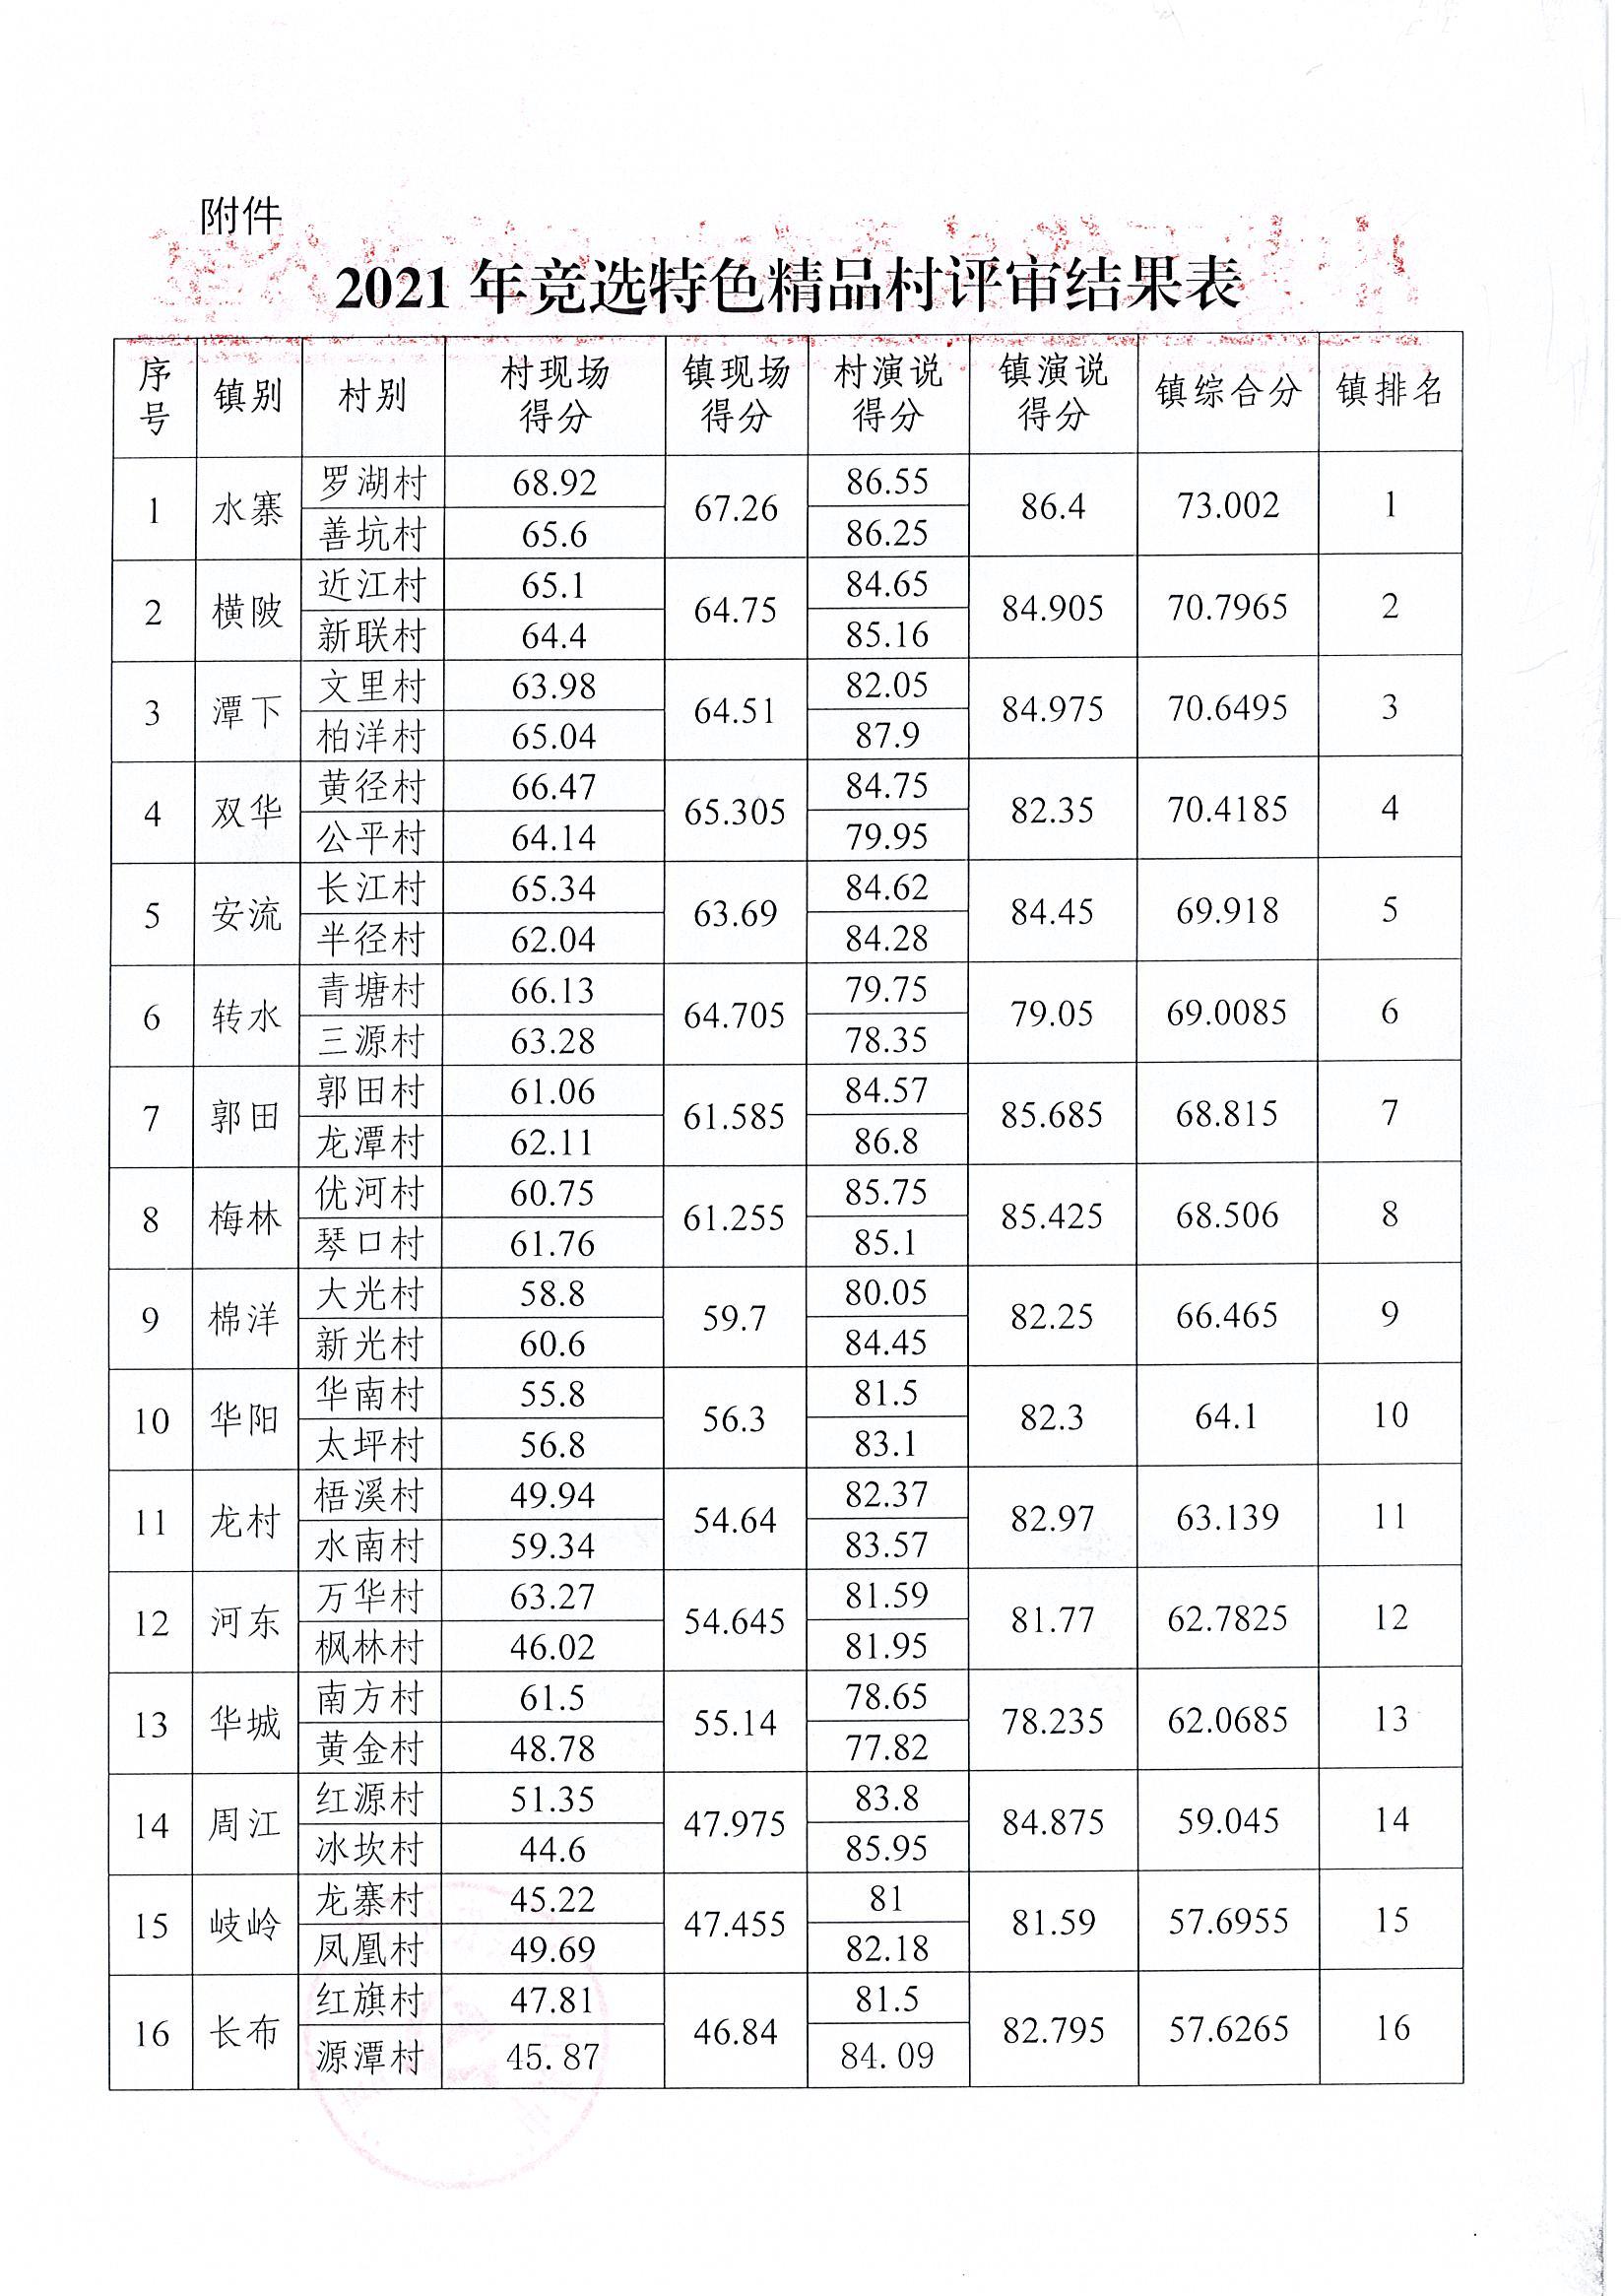 关于五华县2021年竞选特色精品村竞选结果的公示(2).jpg